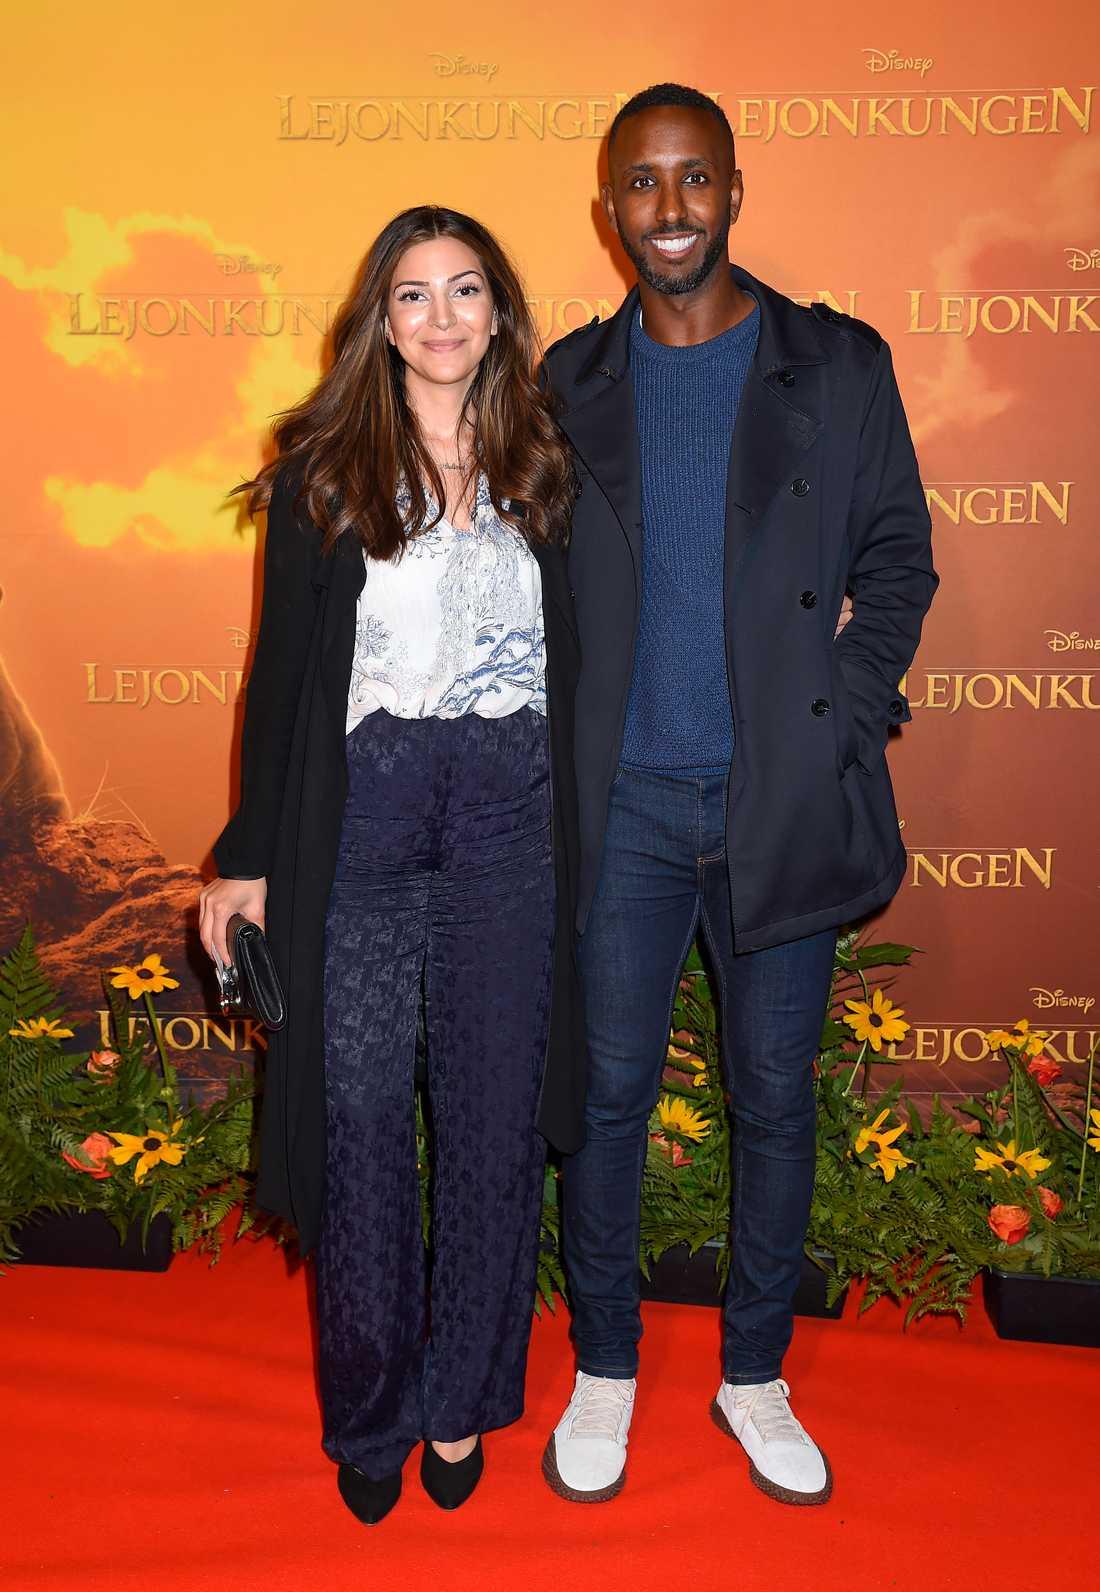 Fotbollsproffset Henok Goitom med sin fru Nina Ismail